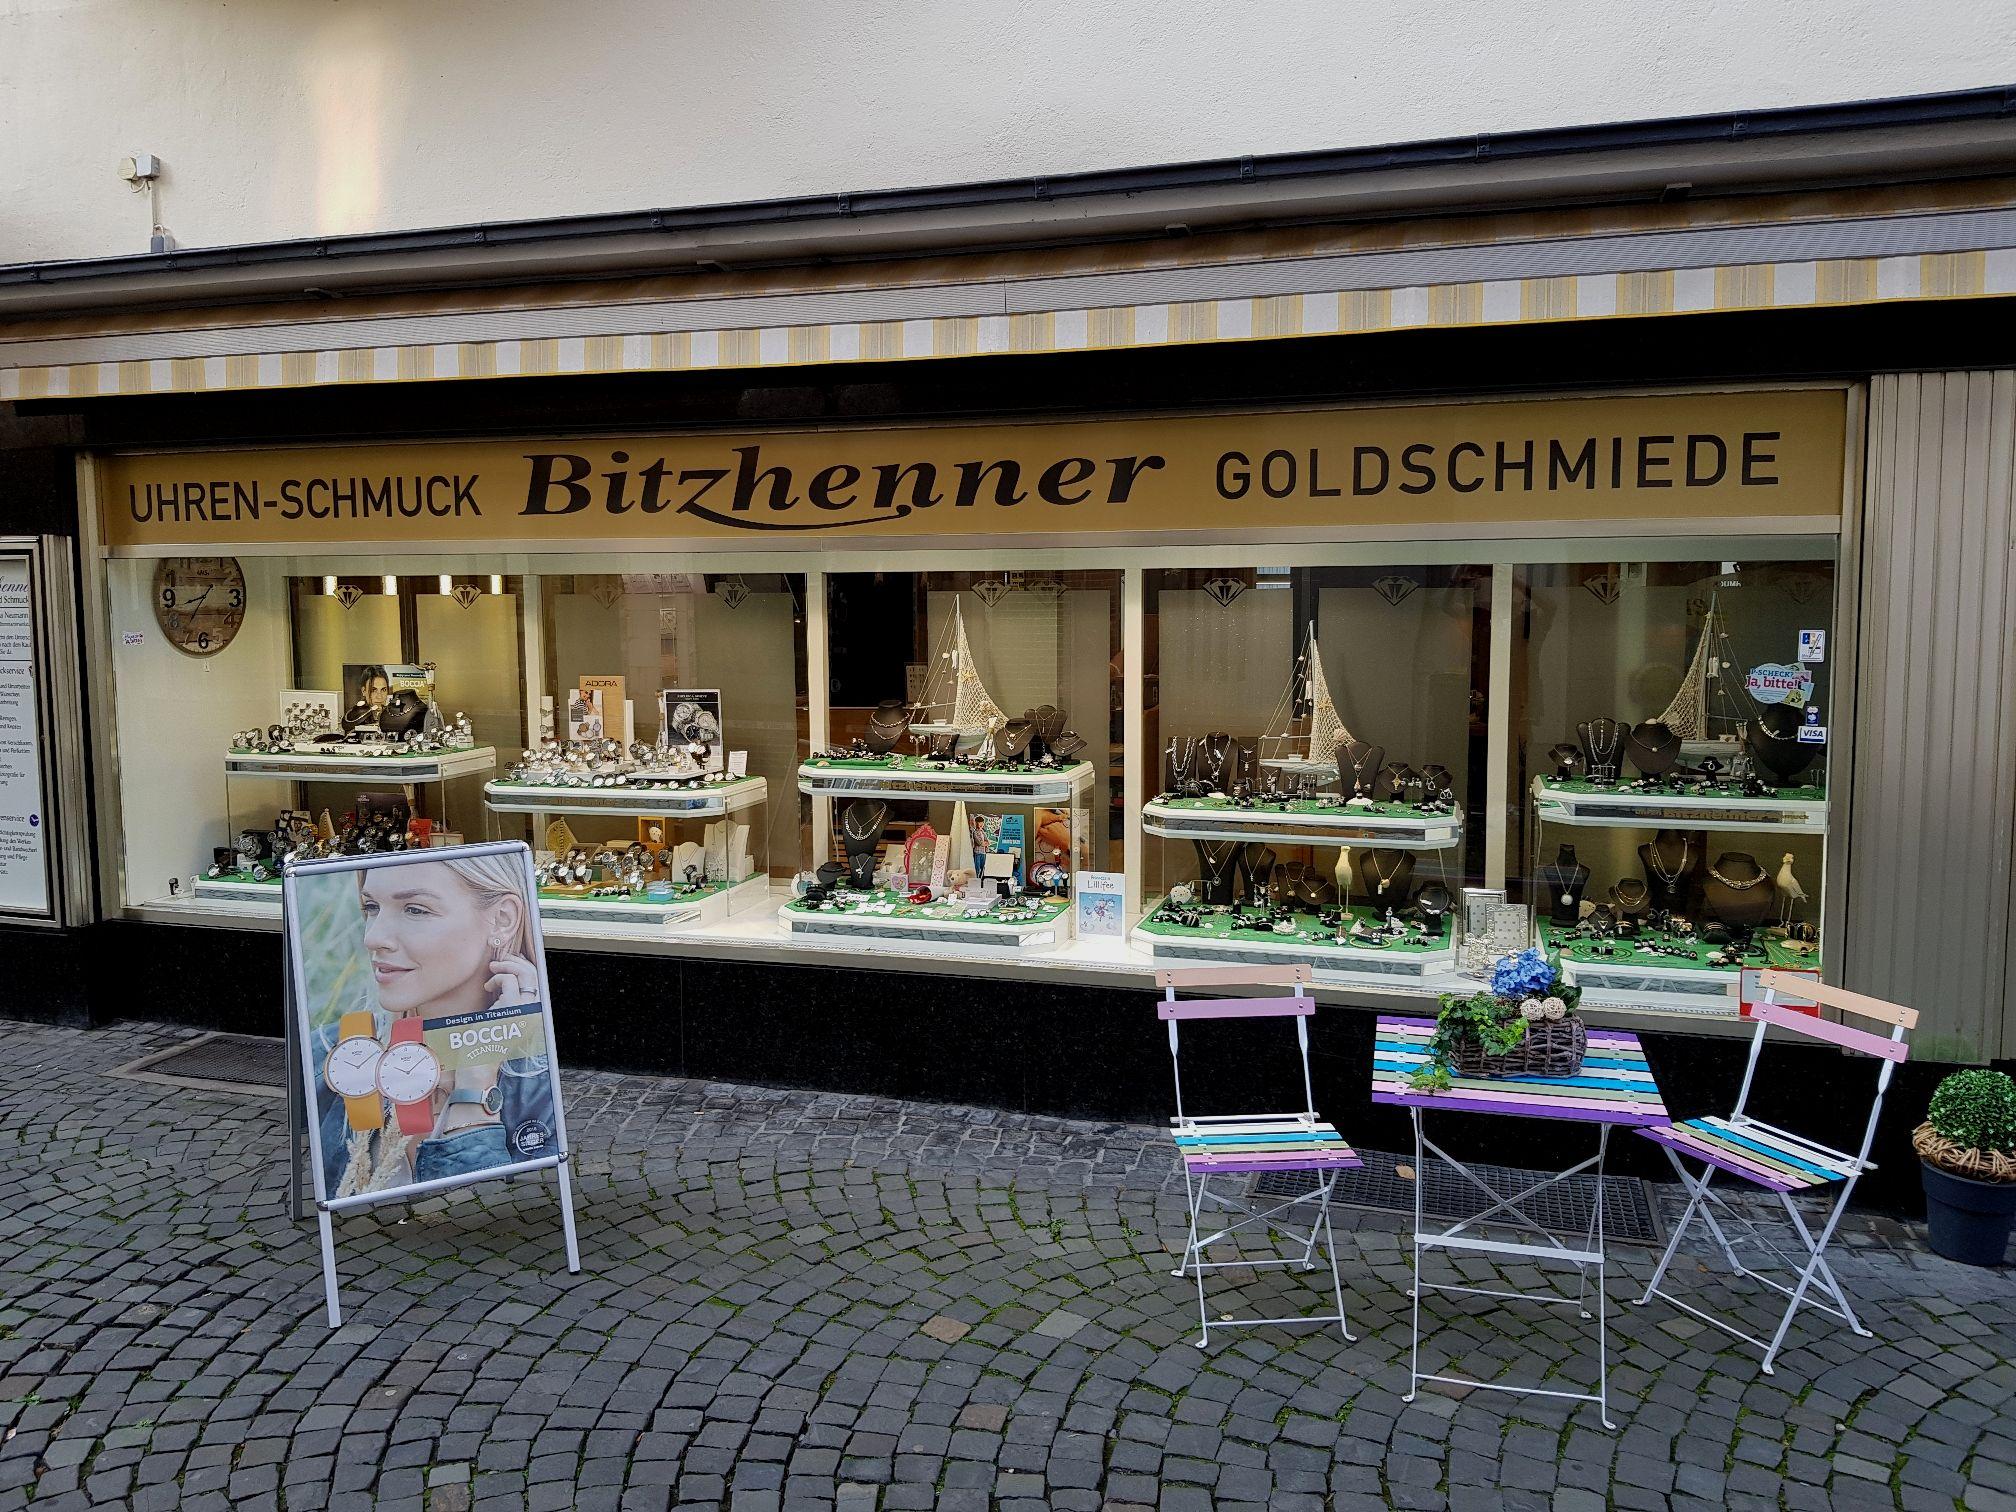 Uhren & Schmuck Bitzhenner